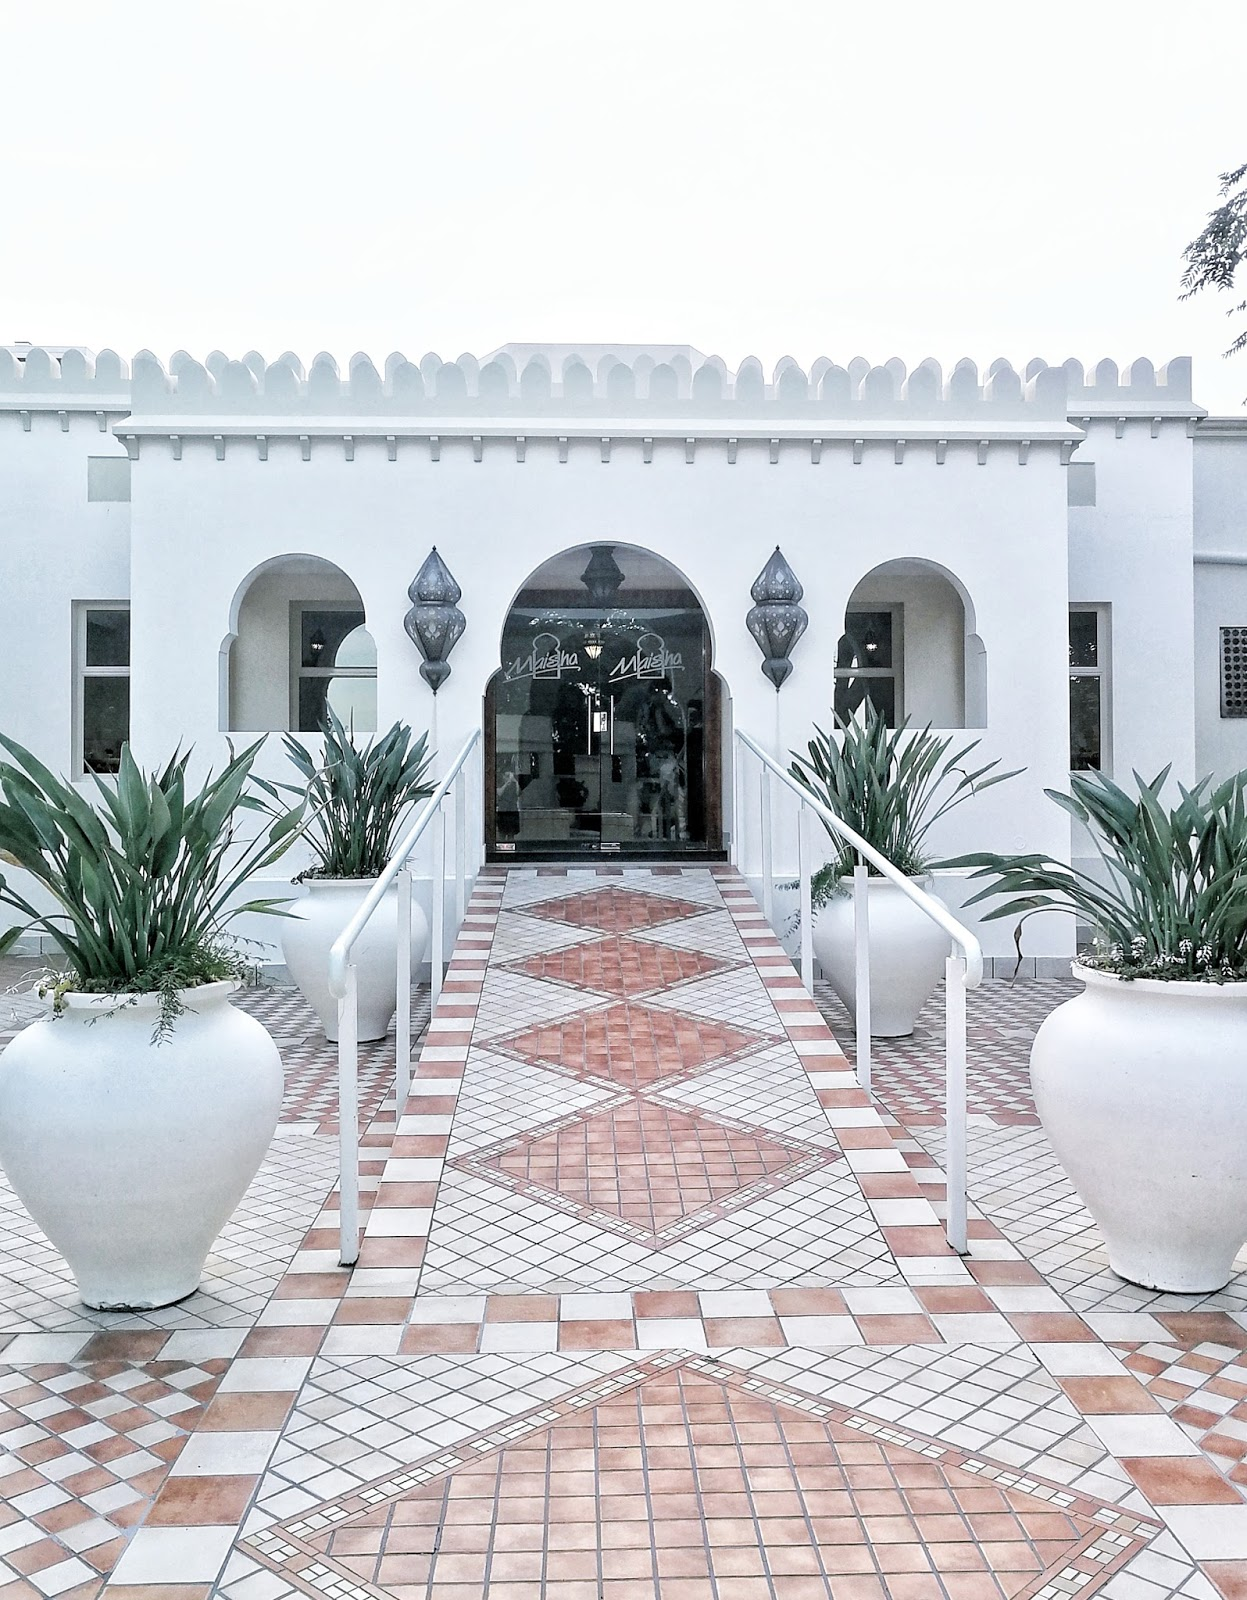 Africa, Afrikka, hotel, hotelli, Maputo, Mosambik, Mozambique